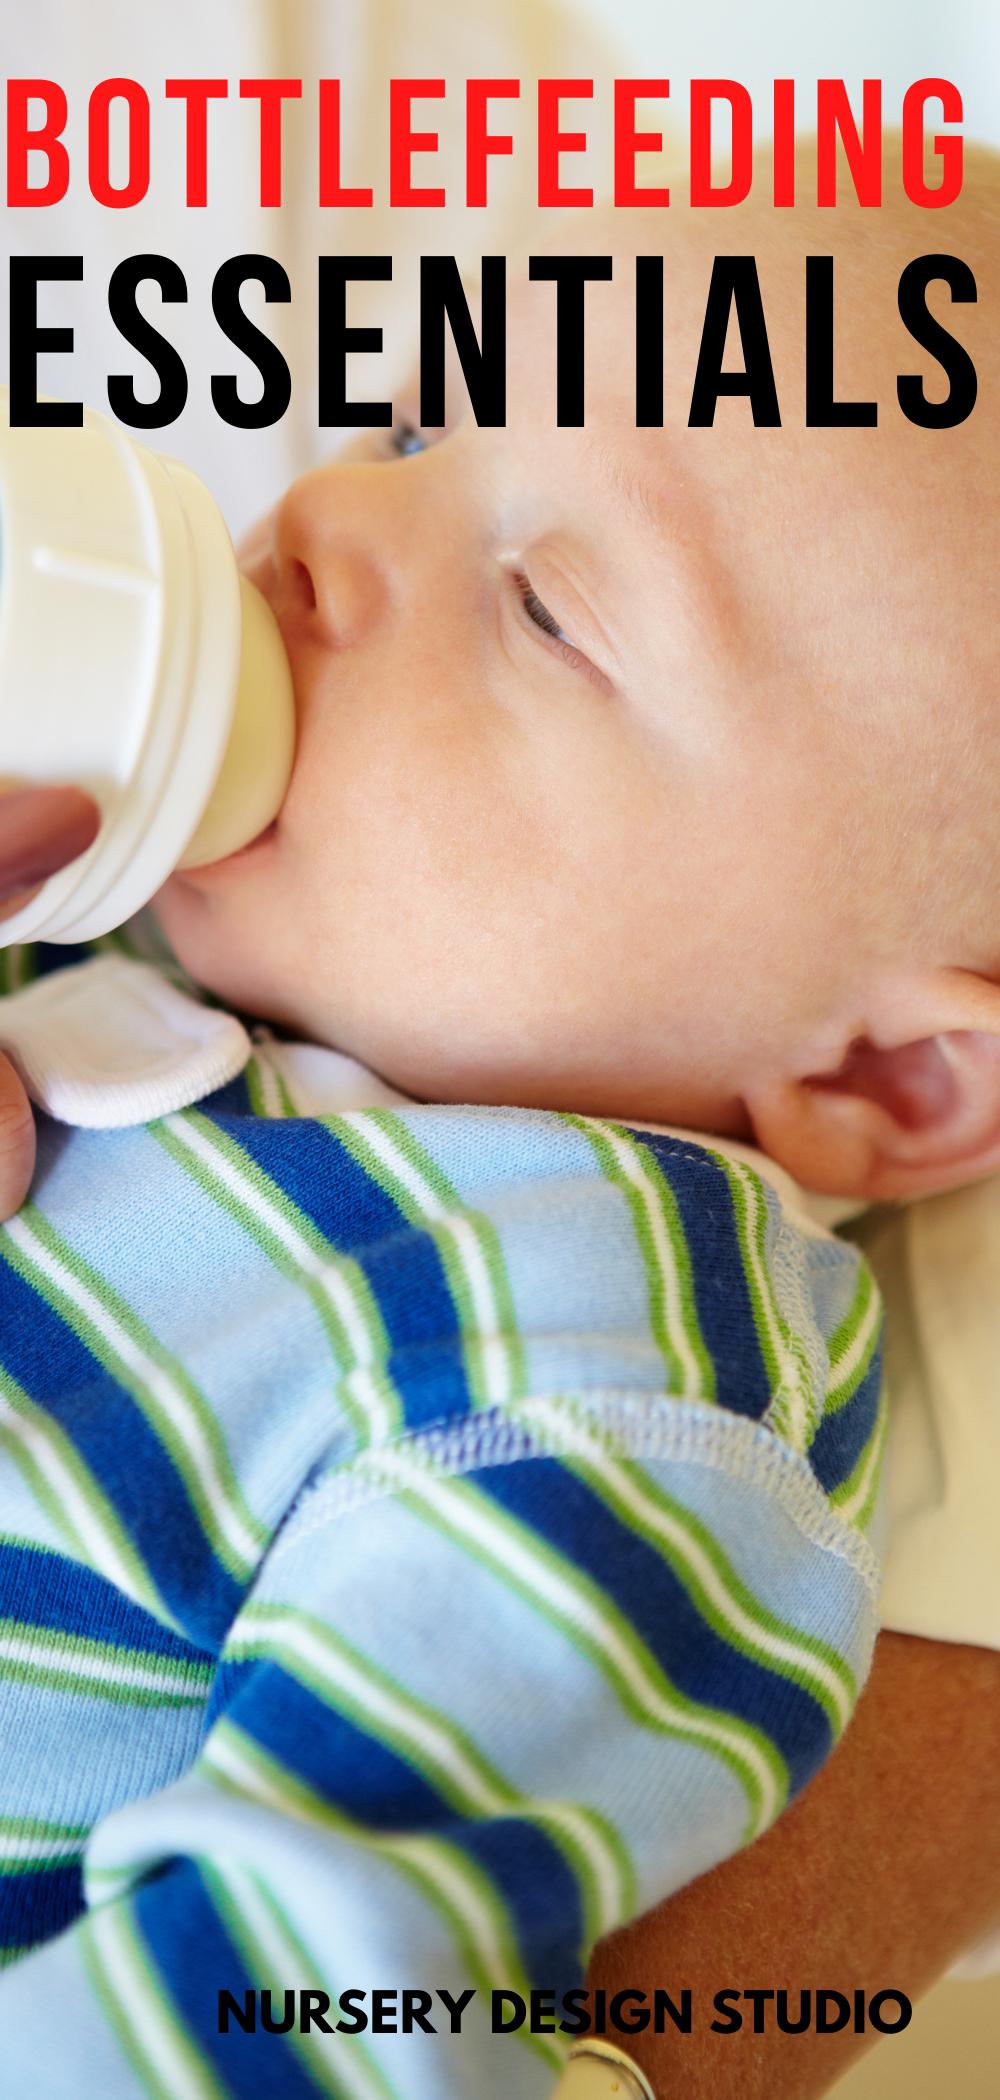 bottle-feeding essentials